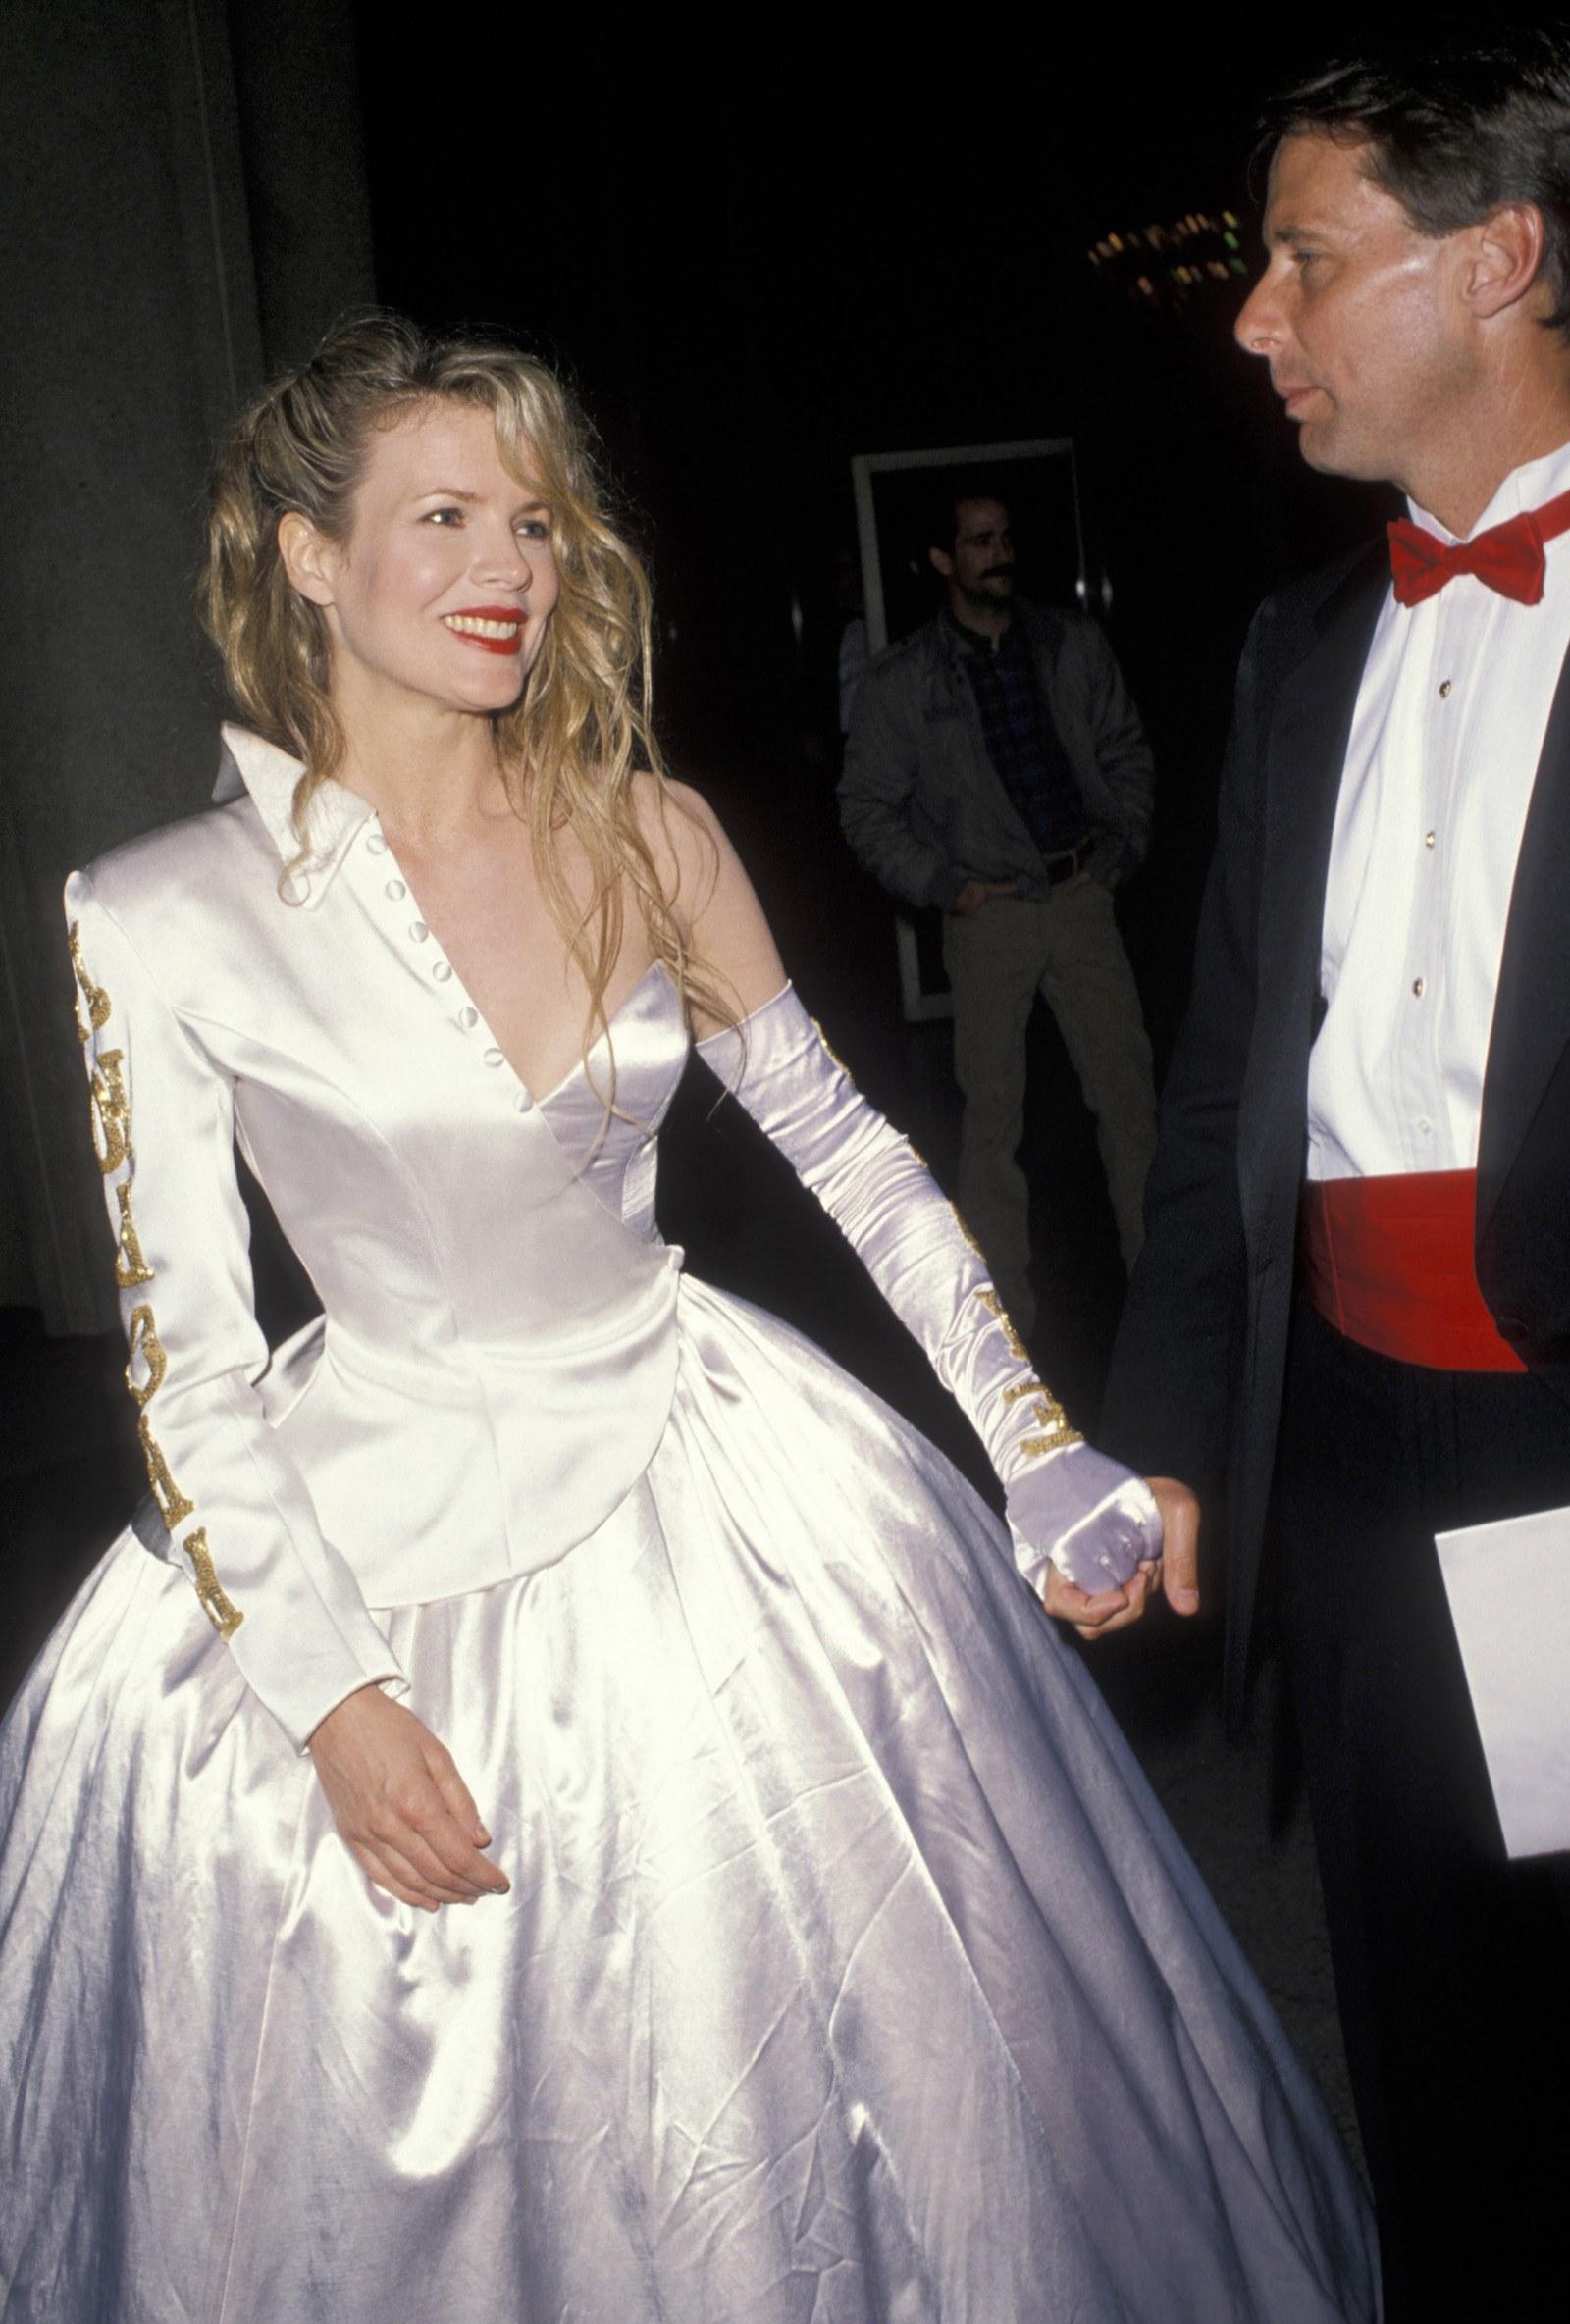 Kim Basinger, 1990 Một nửa áo choàng, một nửa tuxedo, bộ đồng phục giống Kim Basinger Hồi Frankenstein (được tạo kiểu với một chiếc găng tay trắng) đã bị chỉ trích. Tuy nhiên, không nhiều người biết rằng thiết kế satin trắng không phải là một sáng tạo từ một nhãn hiệu cao cấp: Nữ diễn viên thực sự tự thiết kế nó.